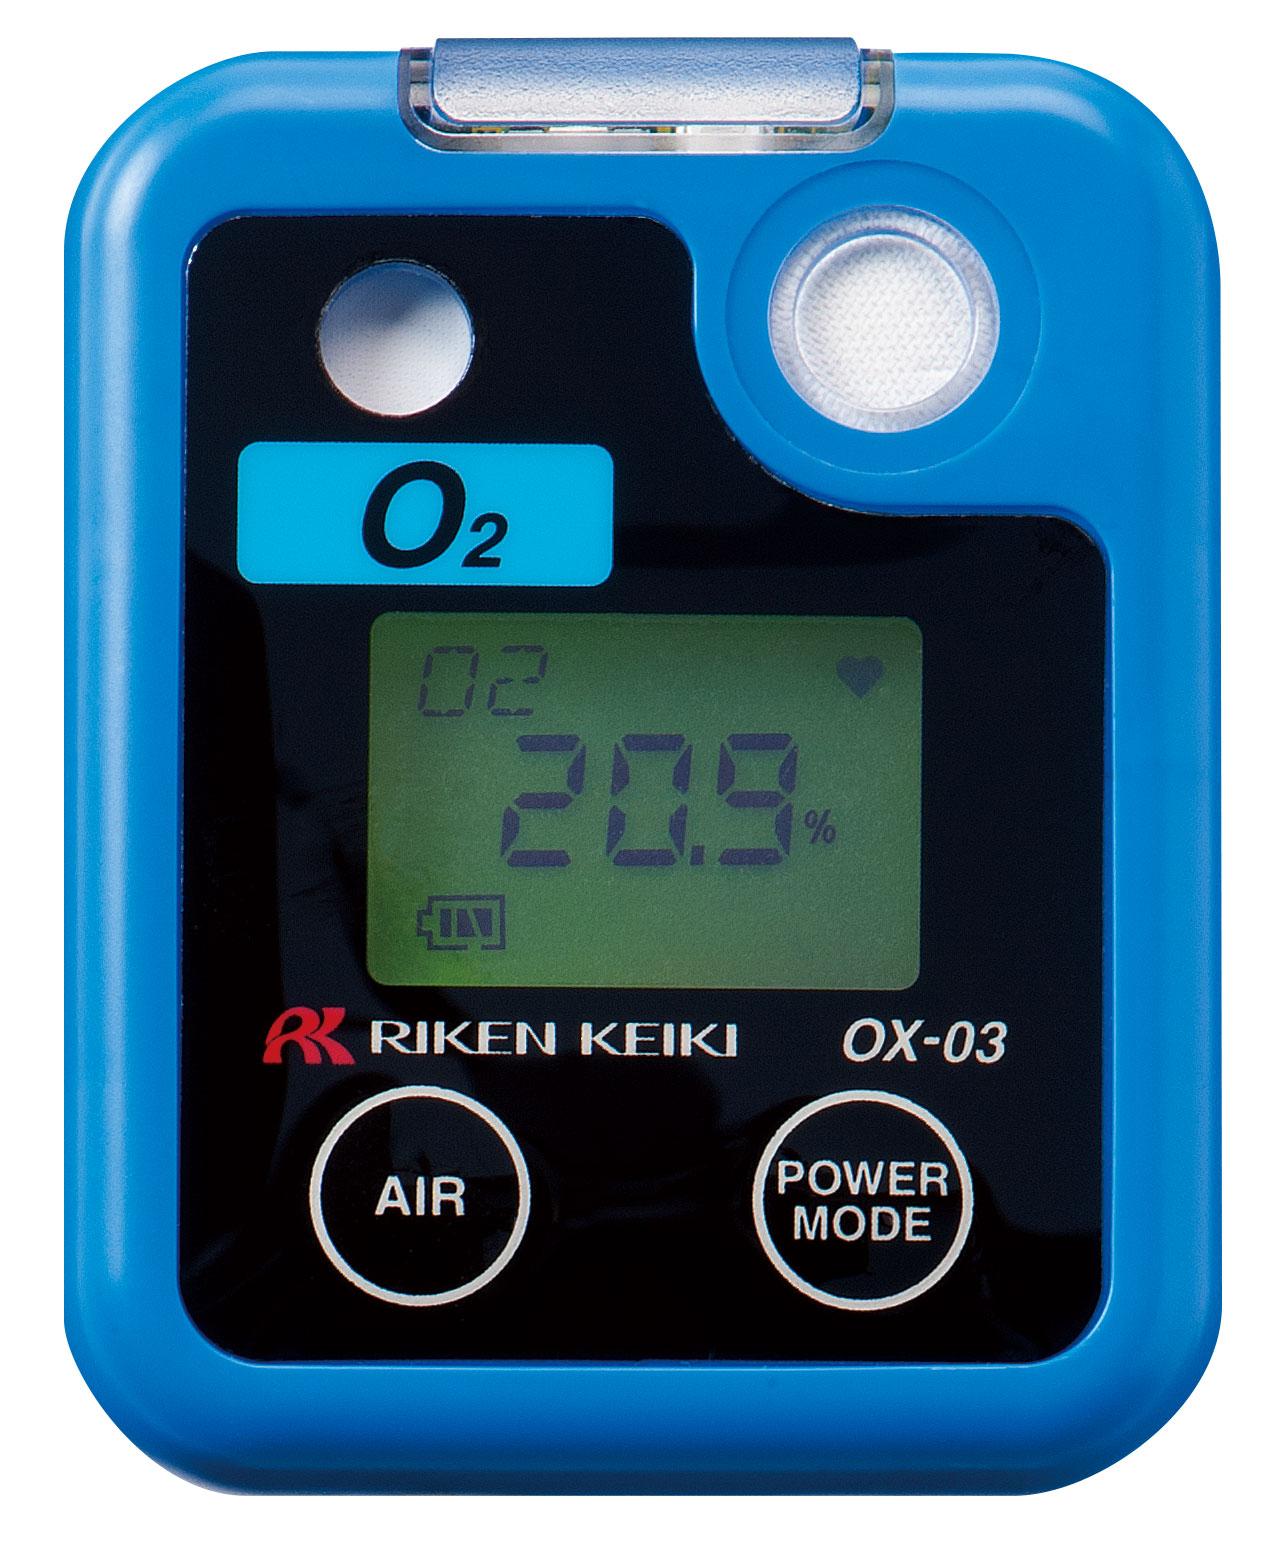 袖珍型气体监测仪CO-03